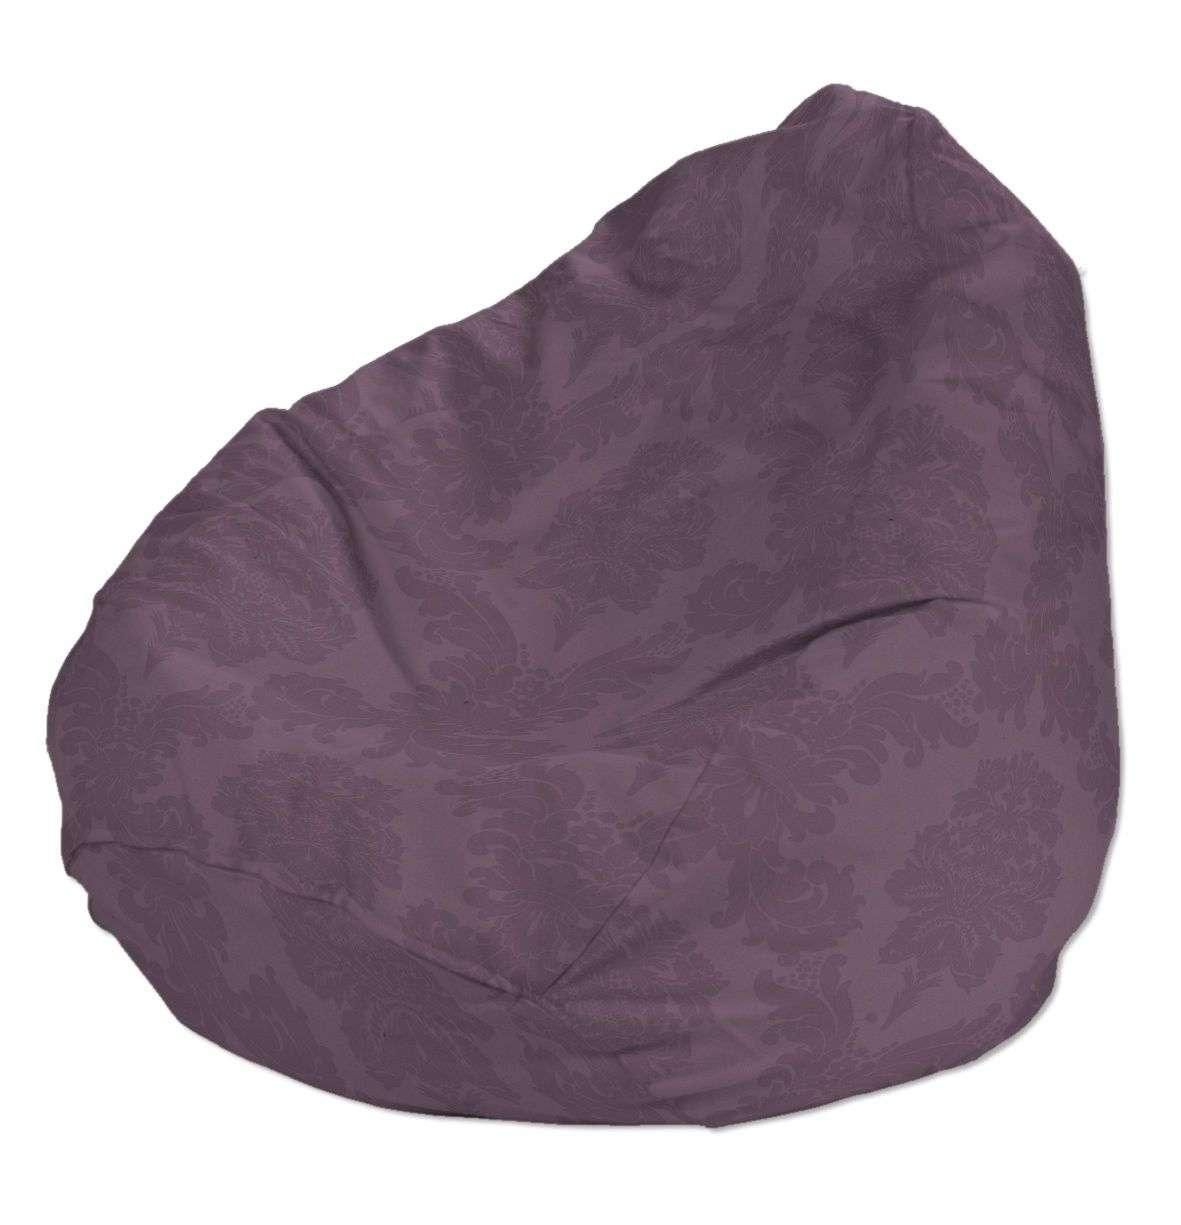 Pokrowiec na worek do siedzenia pokrowiec Ø50x85cm w kolekcji Damasco, tkanina: 613-75